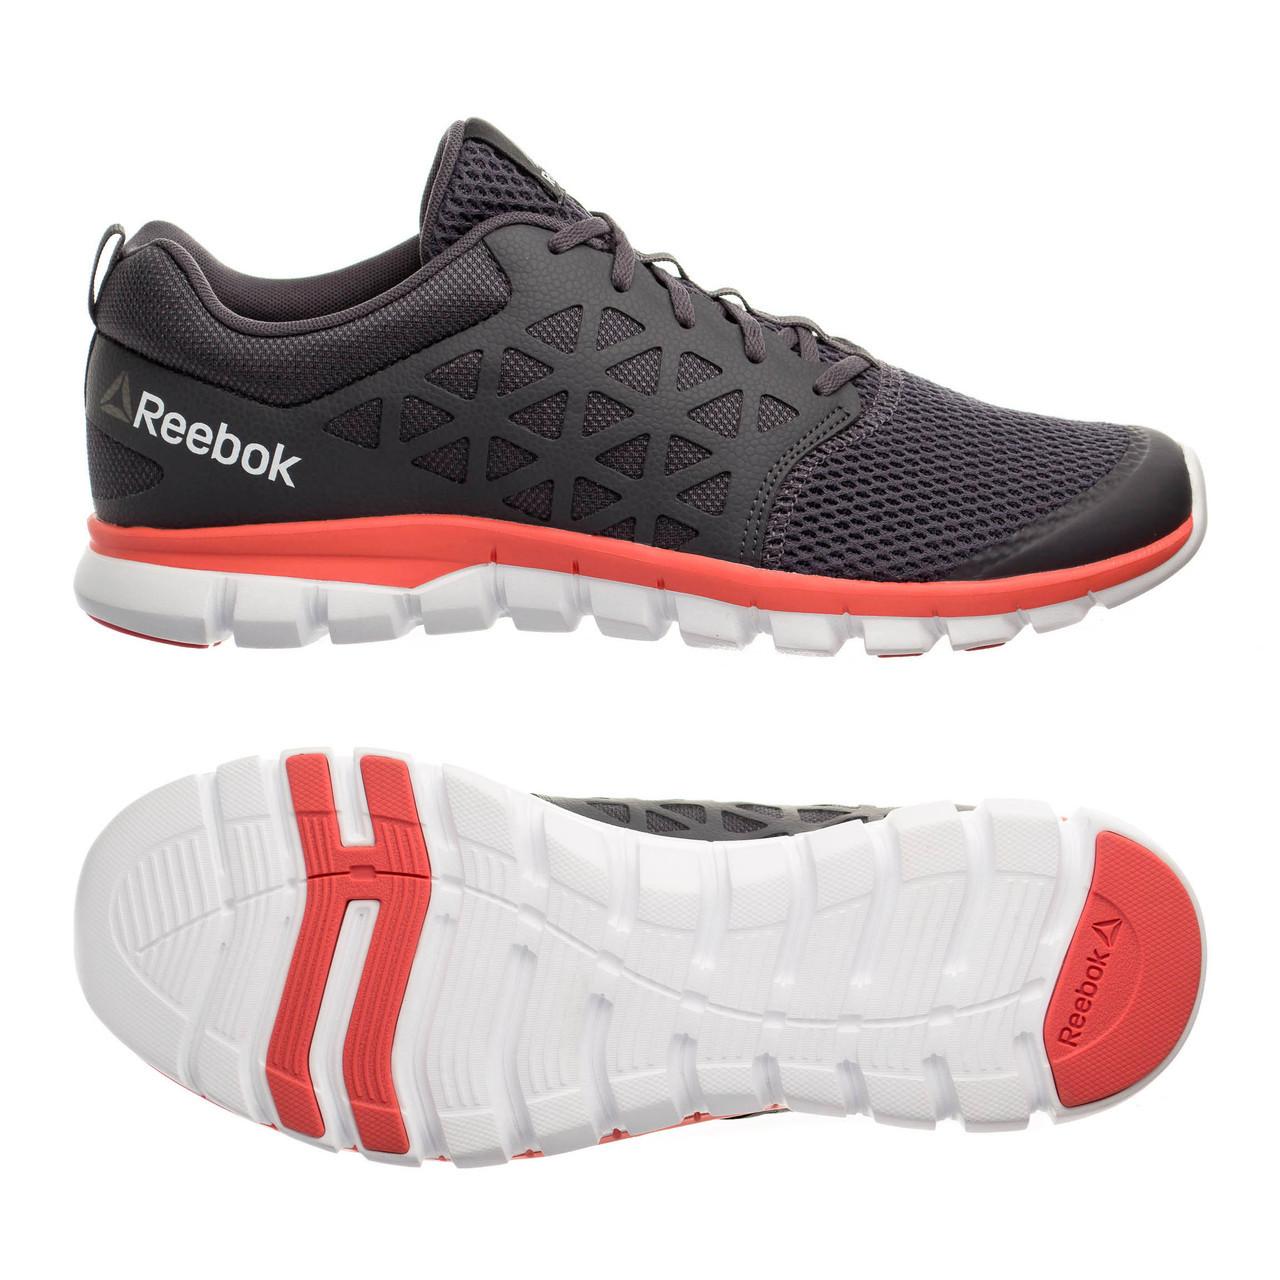 Кросівки Reebok Sublite XT Cushion 2.0 Р. 44 (29 См) Темно-сірий ... 92735d1060464